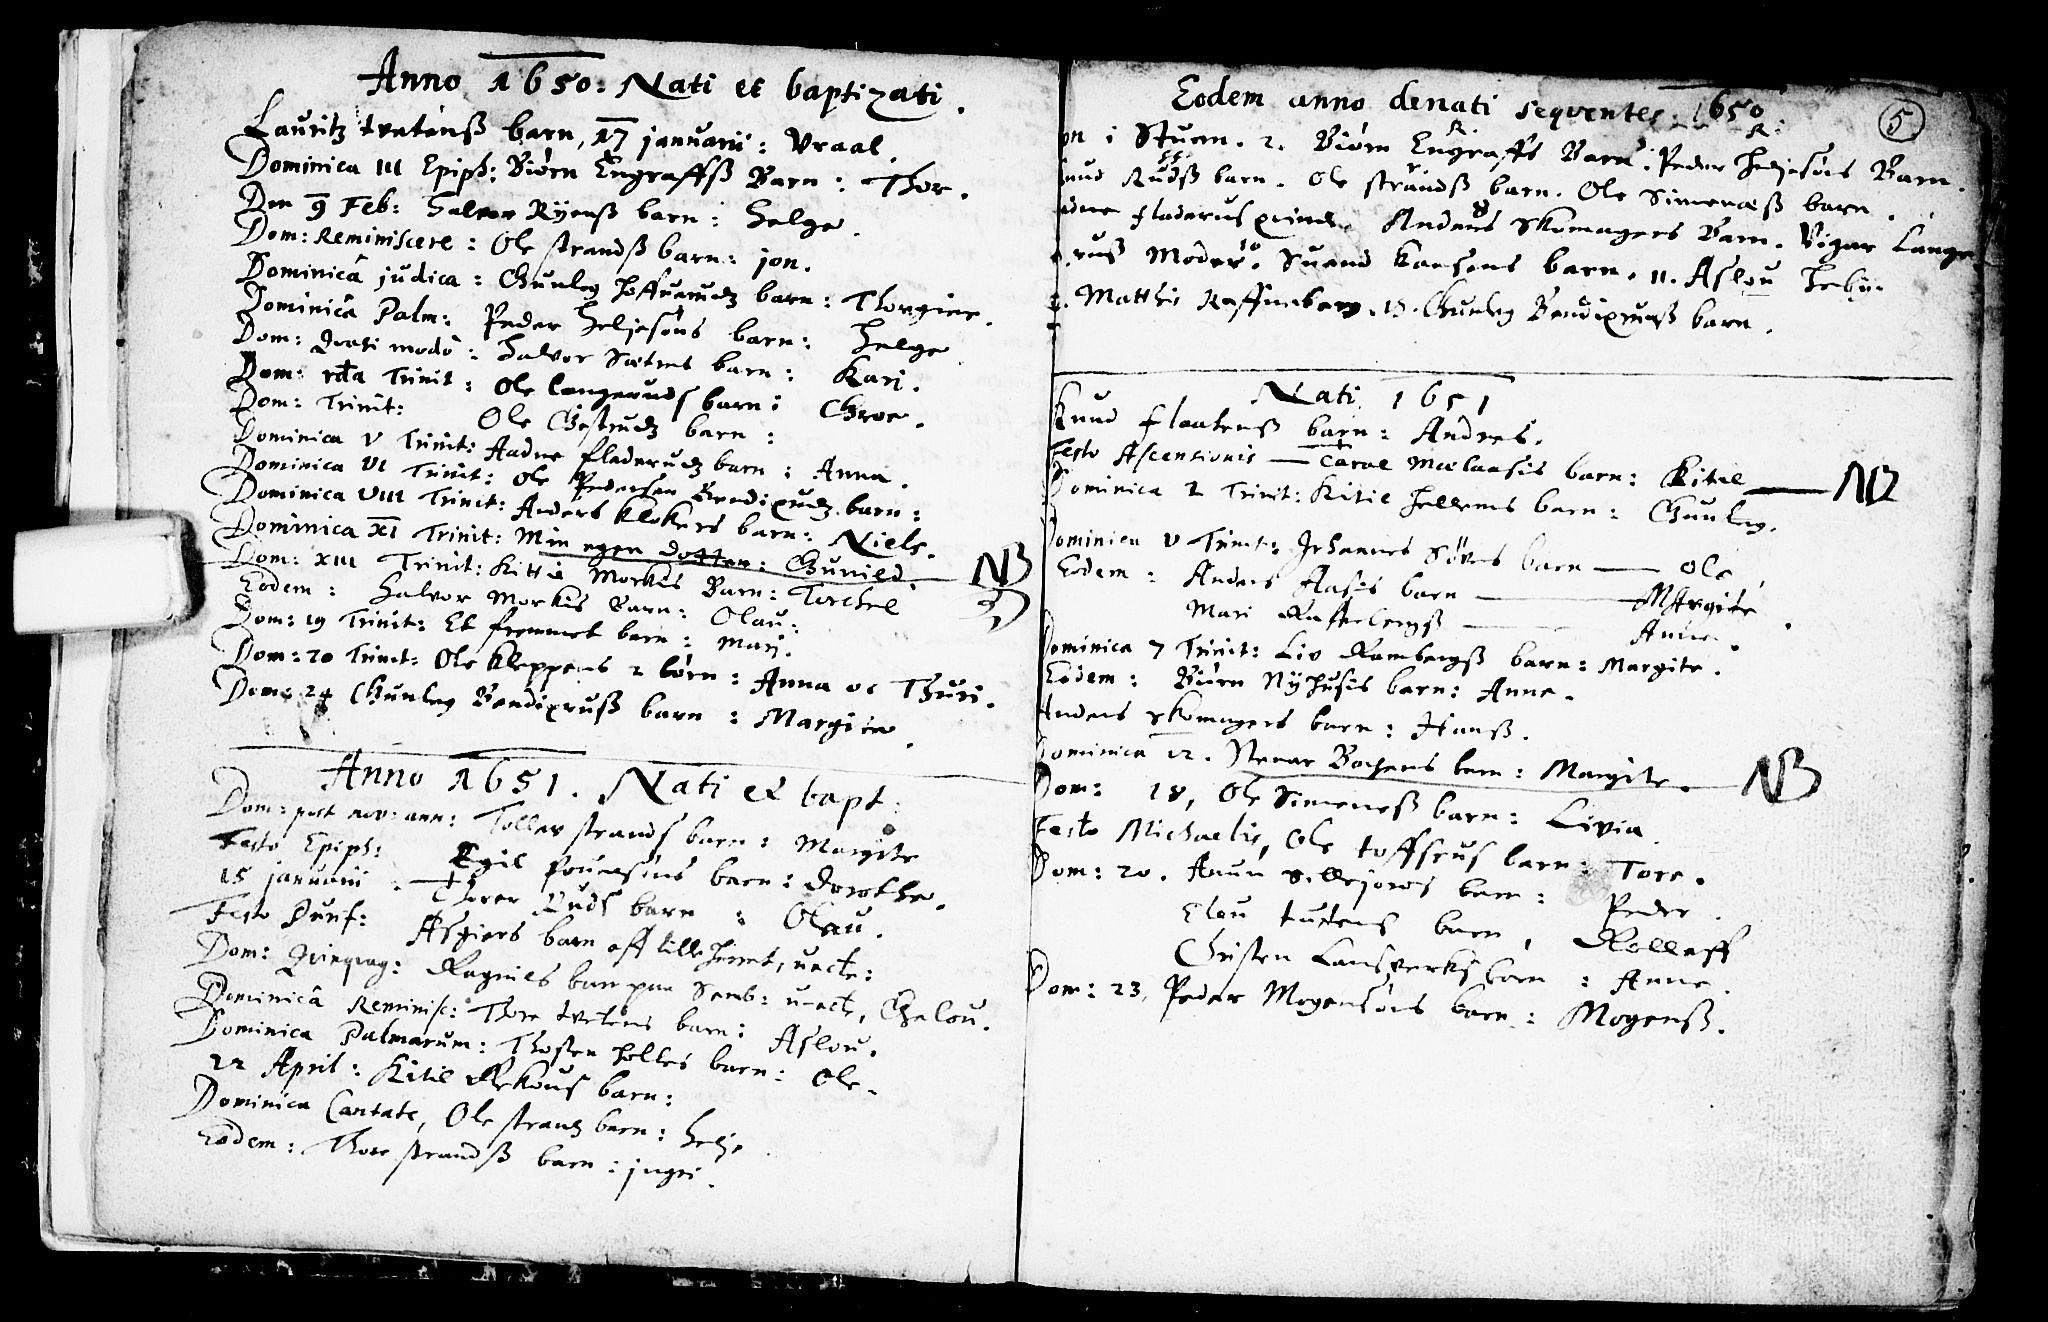 SAKO, Heddal kirkebøker, F/Fa/L0001: Ministerialbok nr. I 1, 1648-1699, s. 5